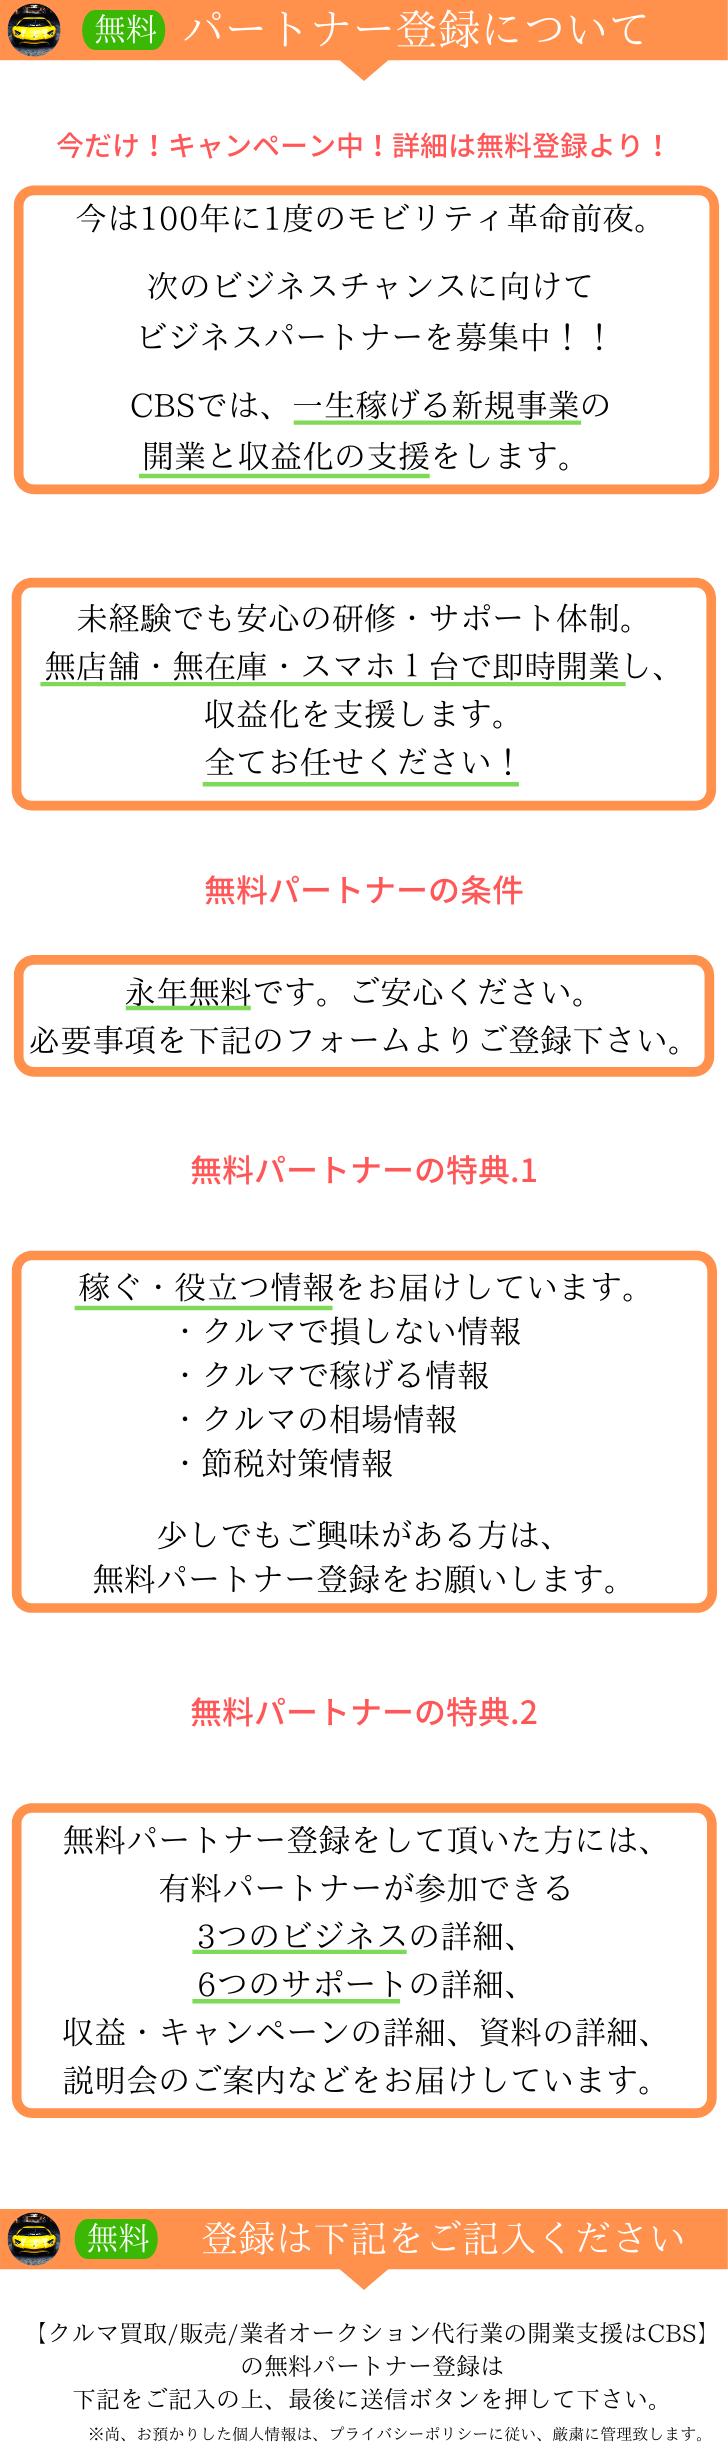 中古車買取店・販売店・業者オークション代行業を独立開業起業11-1